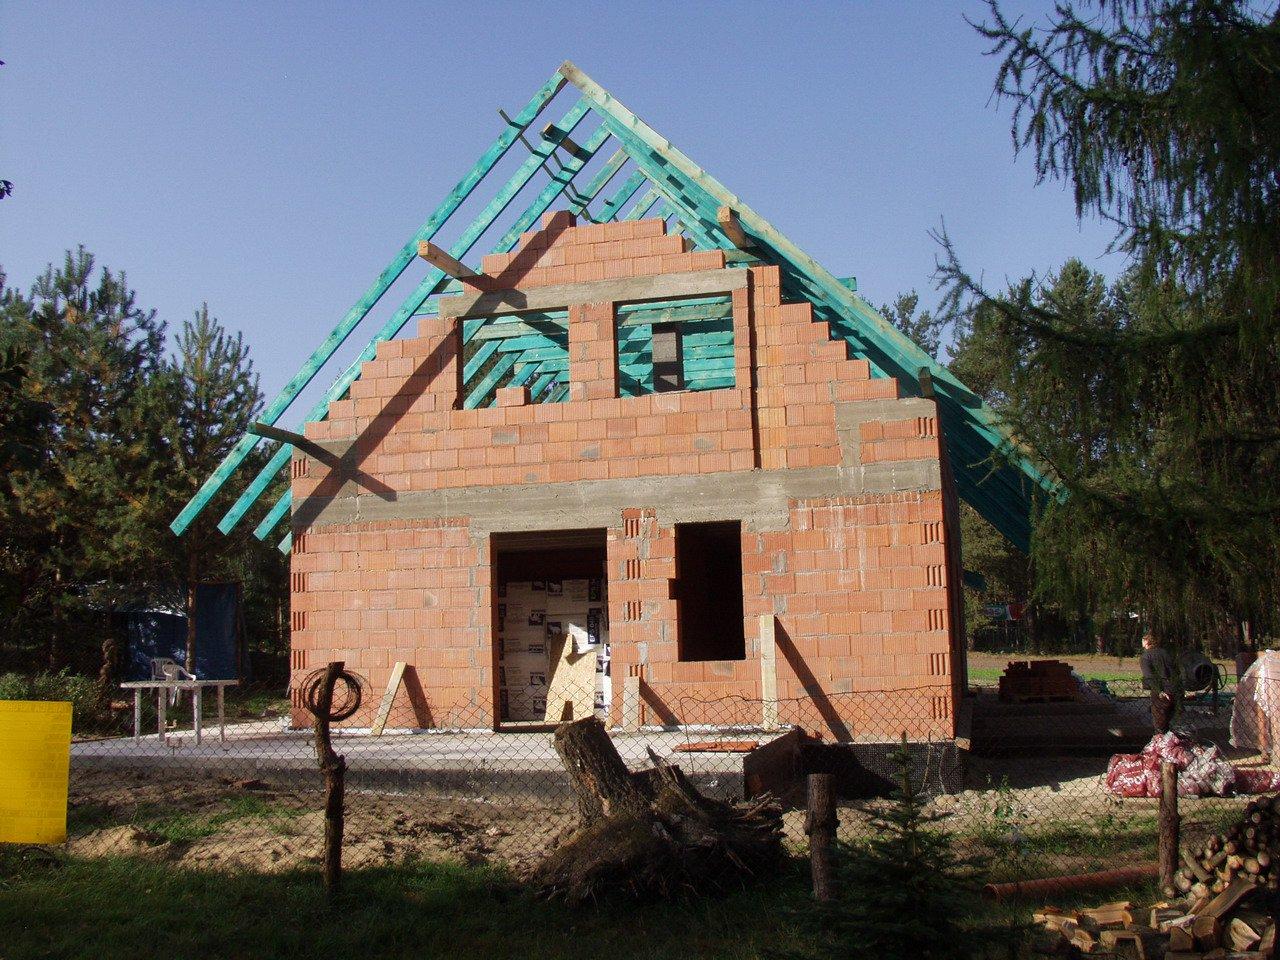 projekt-domu-lesny-zakatek-fot-3-1390379622-oh4ap4u7.jpg